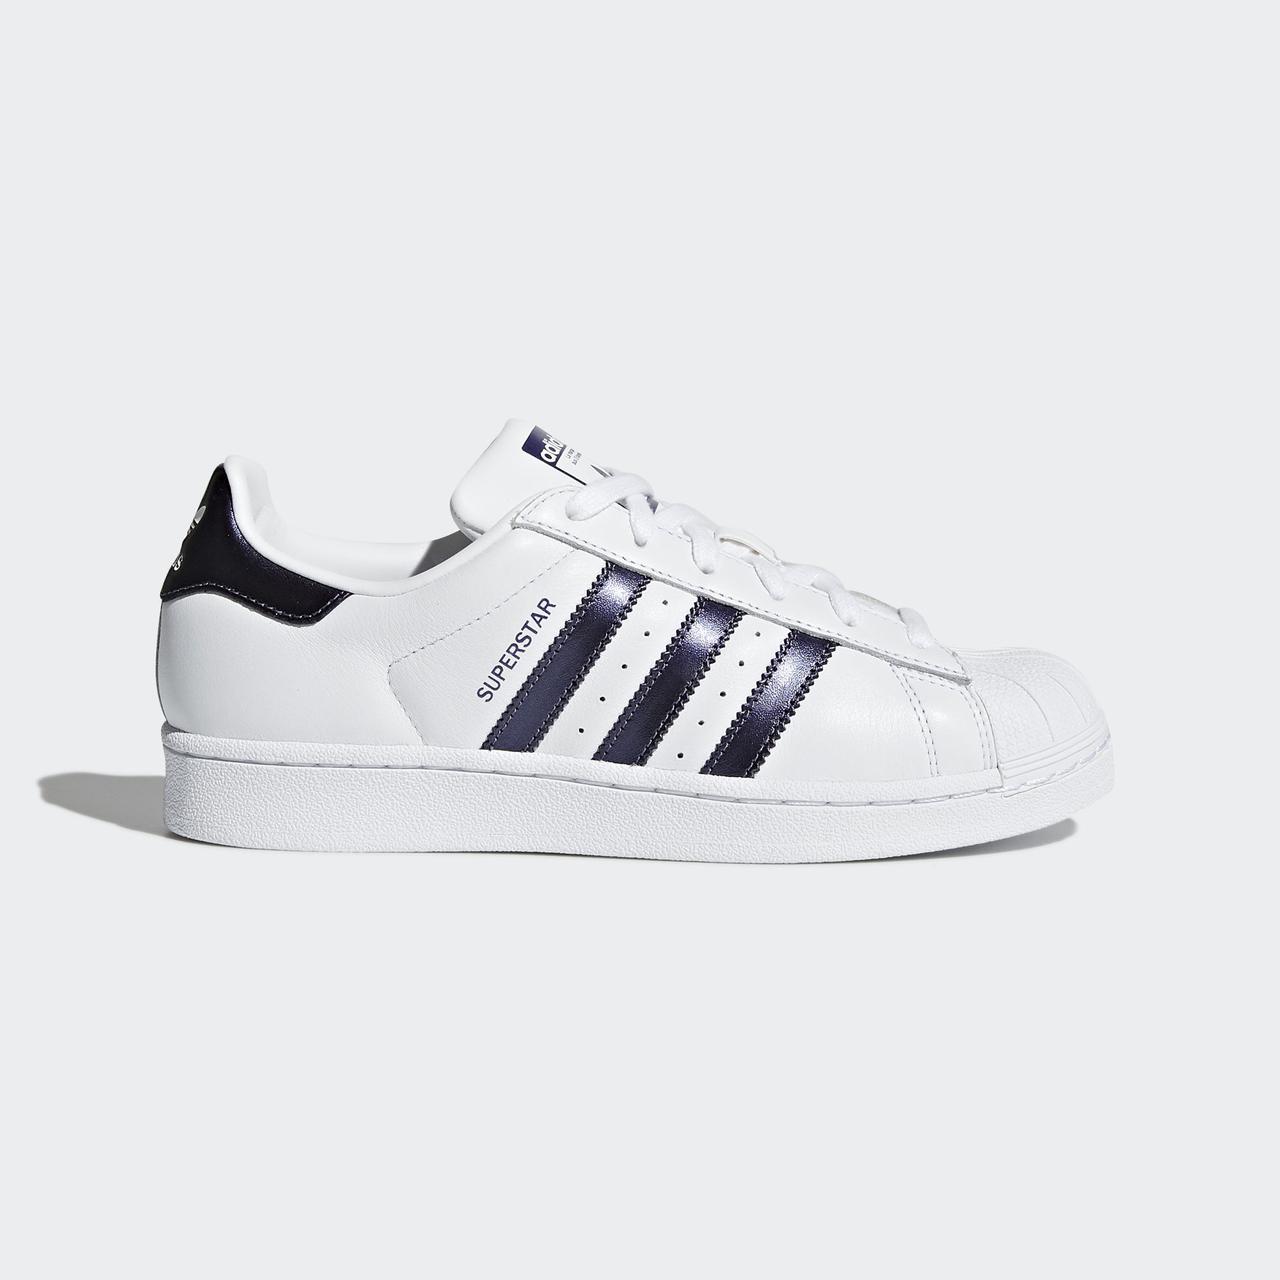 Купить Женские кроссовки Adidas Originals Superstar (Артикул  CG5464 ... 4a6fef18723